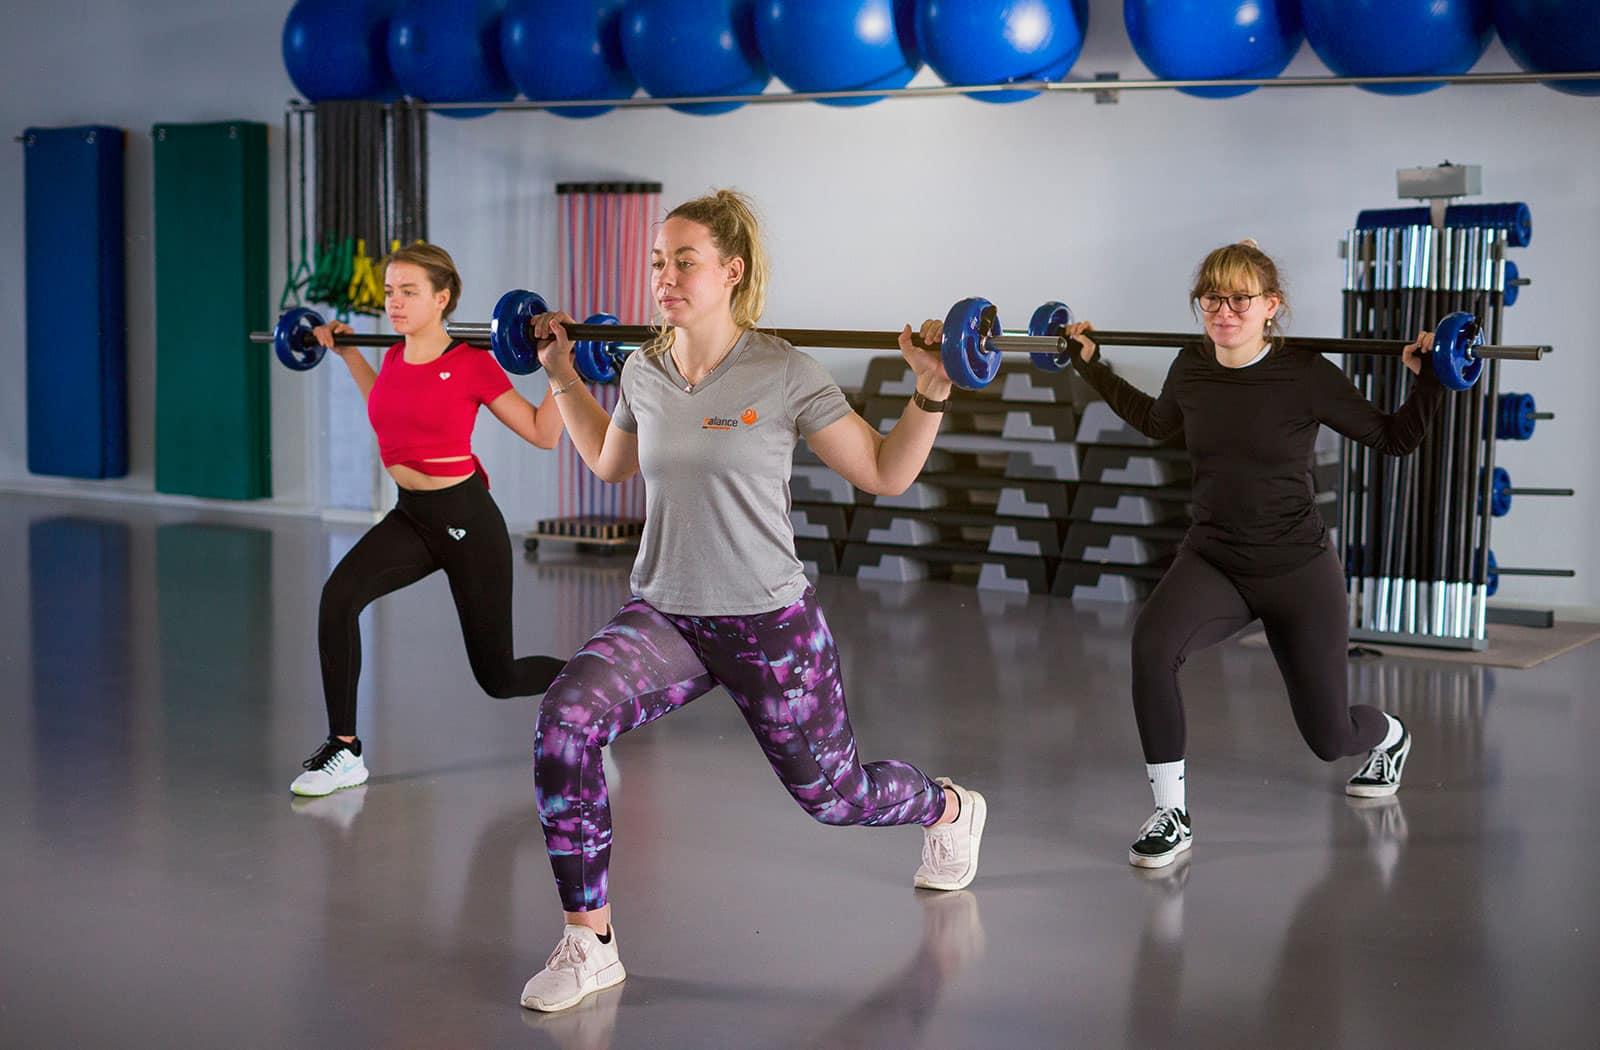 Motivierendes Fitness-Training in Gruppe. Kraftvolle Übungen mit der Langhantel.